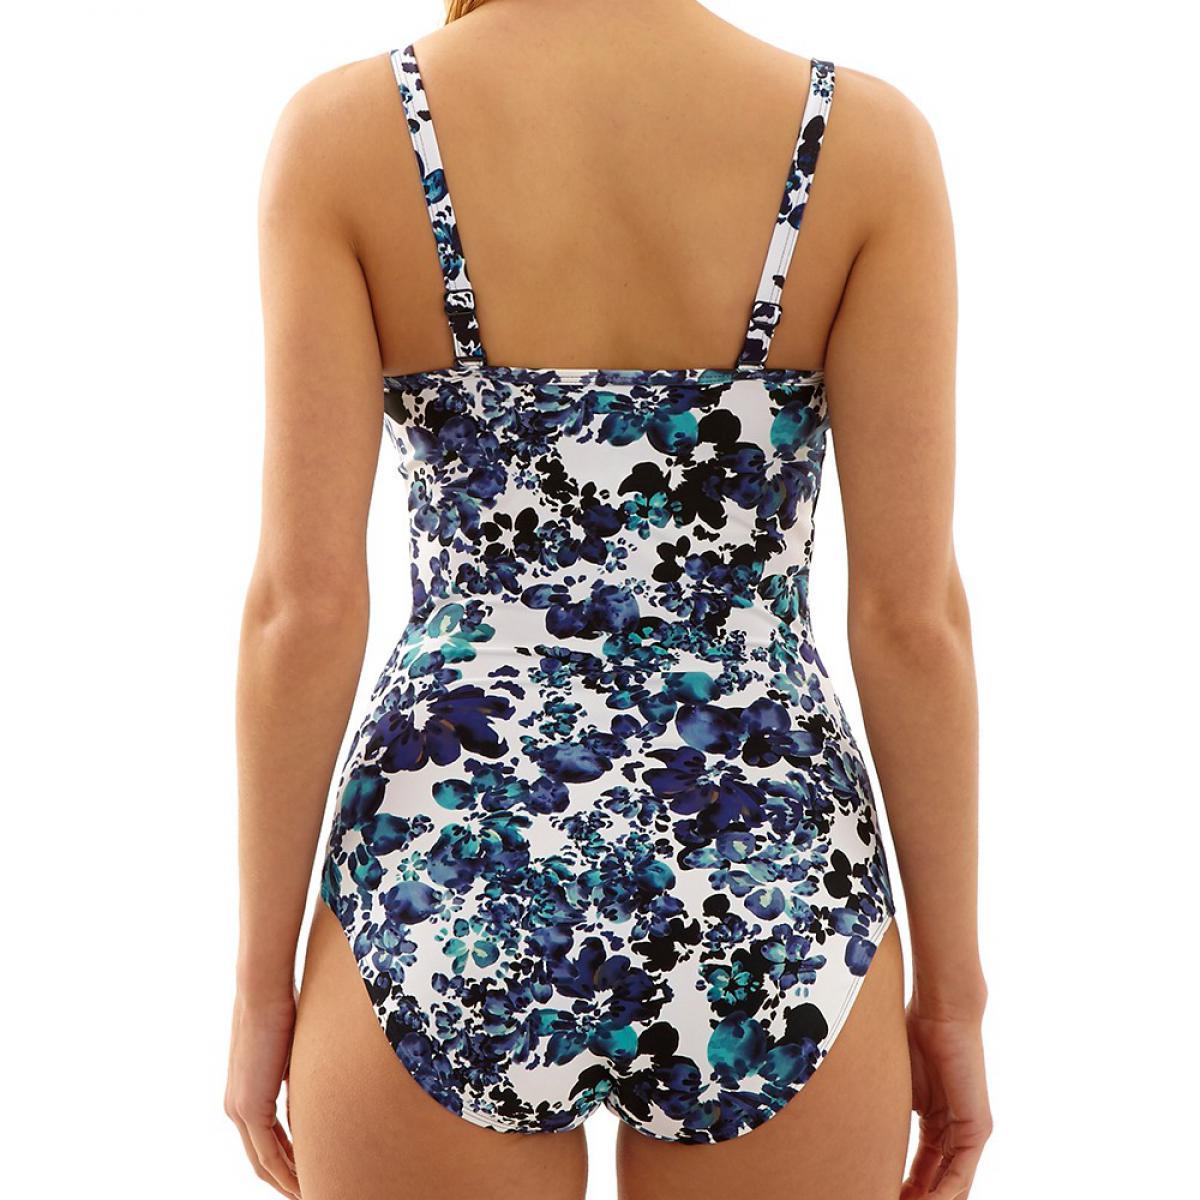 maillot de bain 1 piece bandeau moule florentine floral. Black Bedroom Furniture Sets. Home Design Ideas